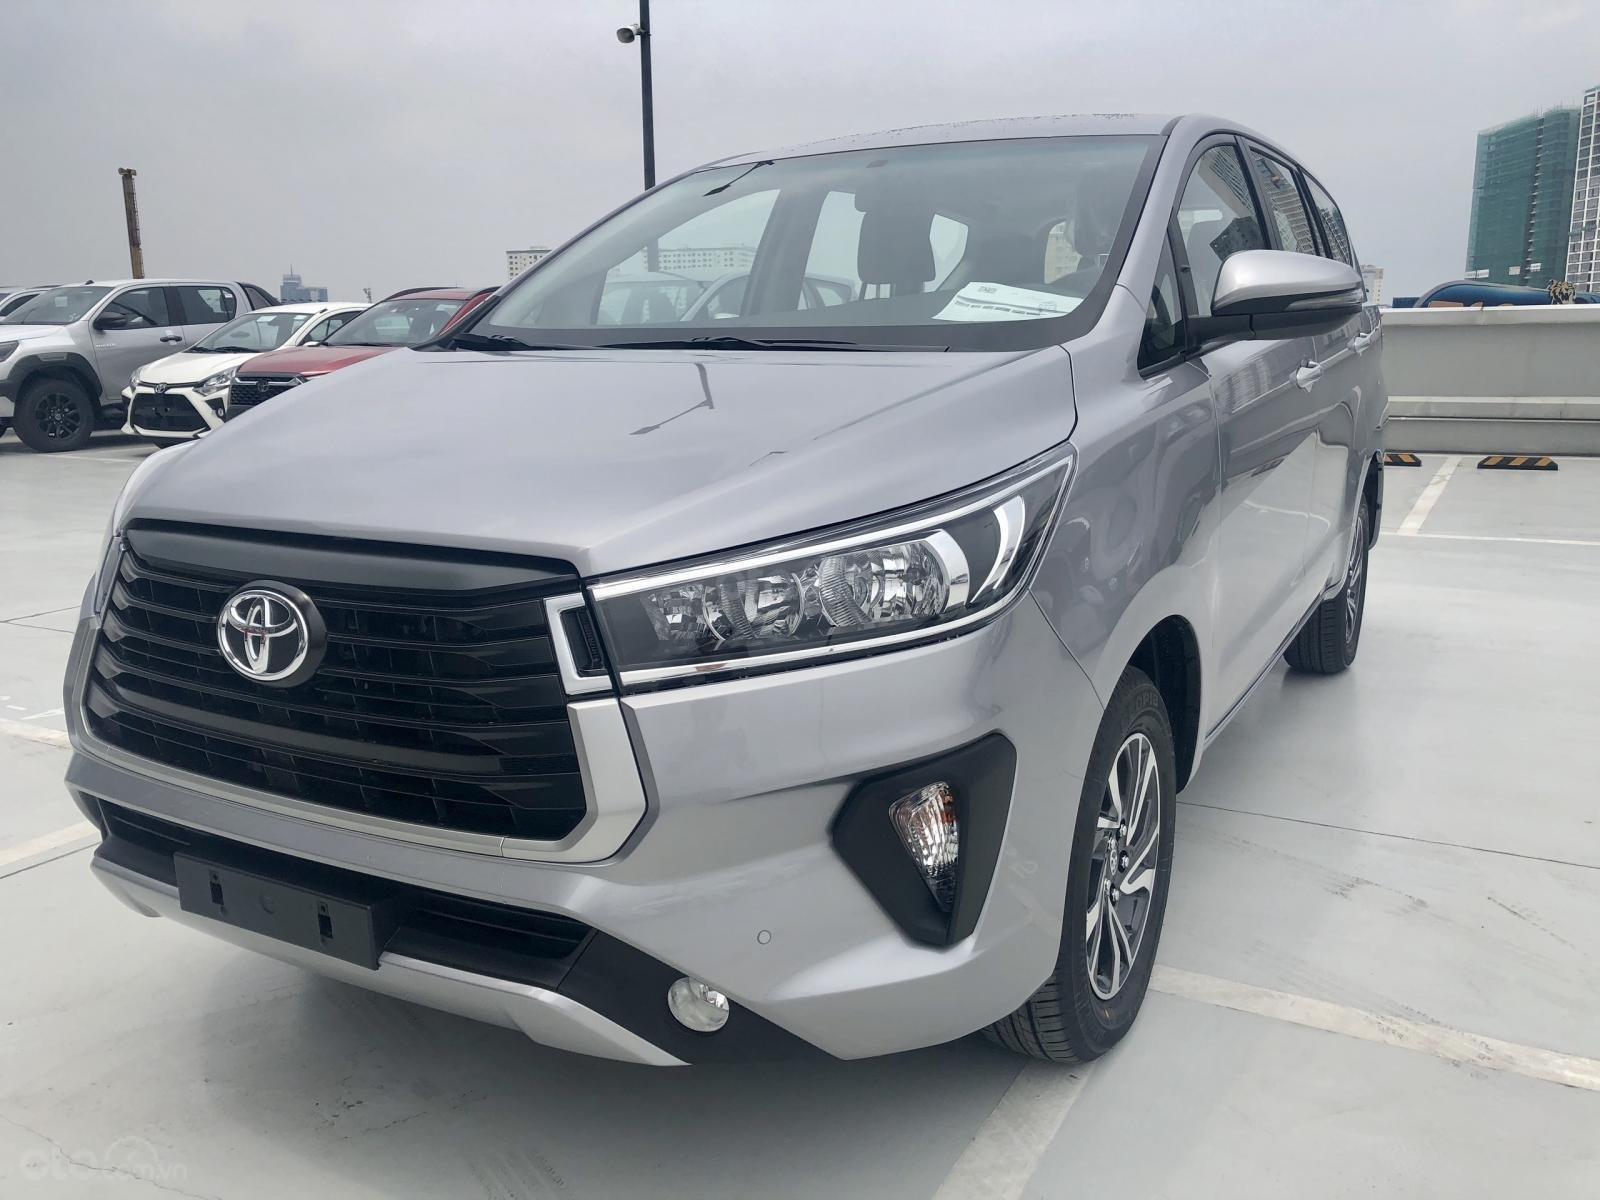 Toyota Innova 2021, tặng 3 năm bảo dưỡng, đủ màu, giao ngay, chỉ cần 175tr có xe (2)